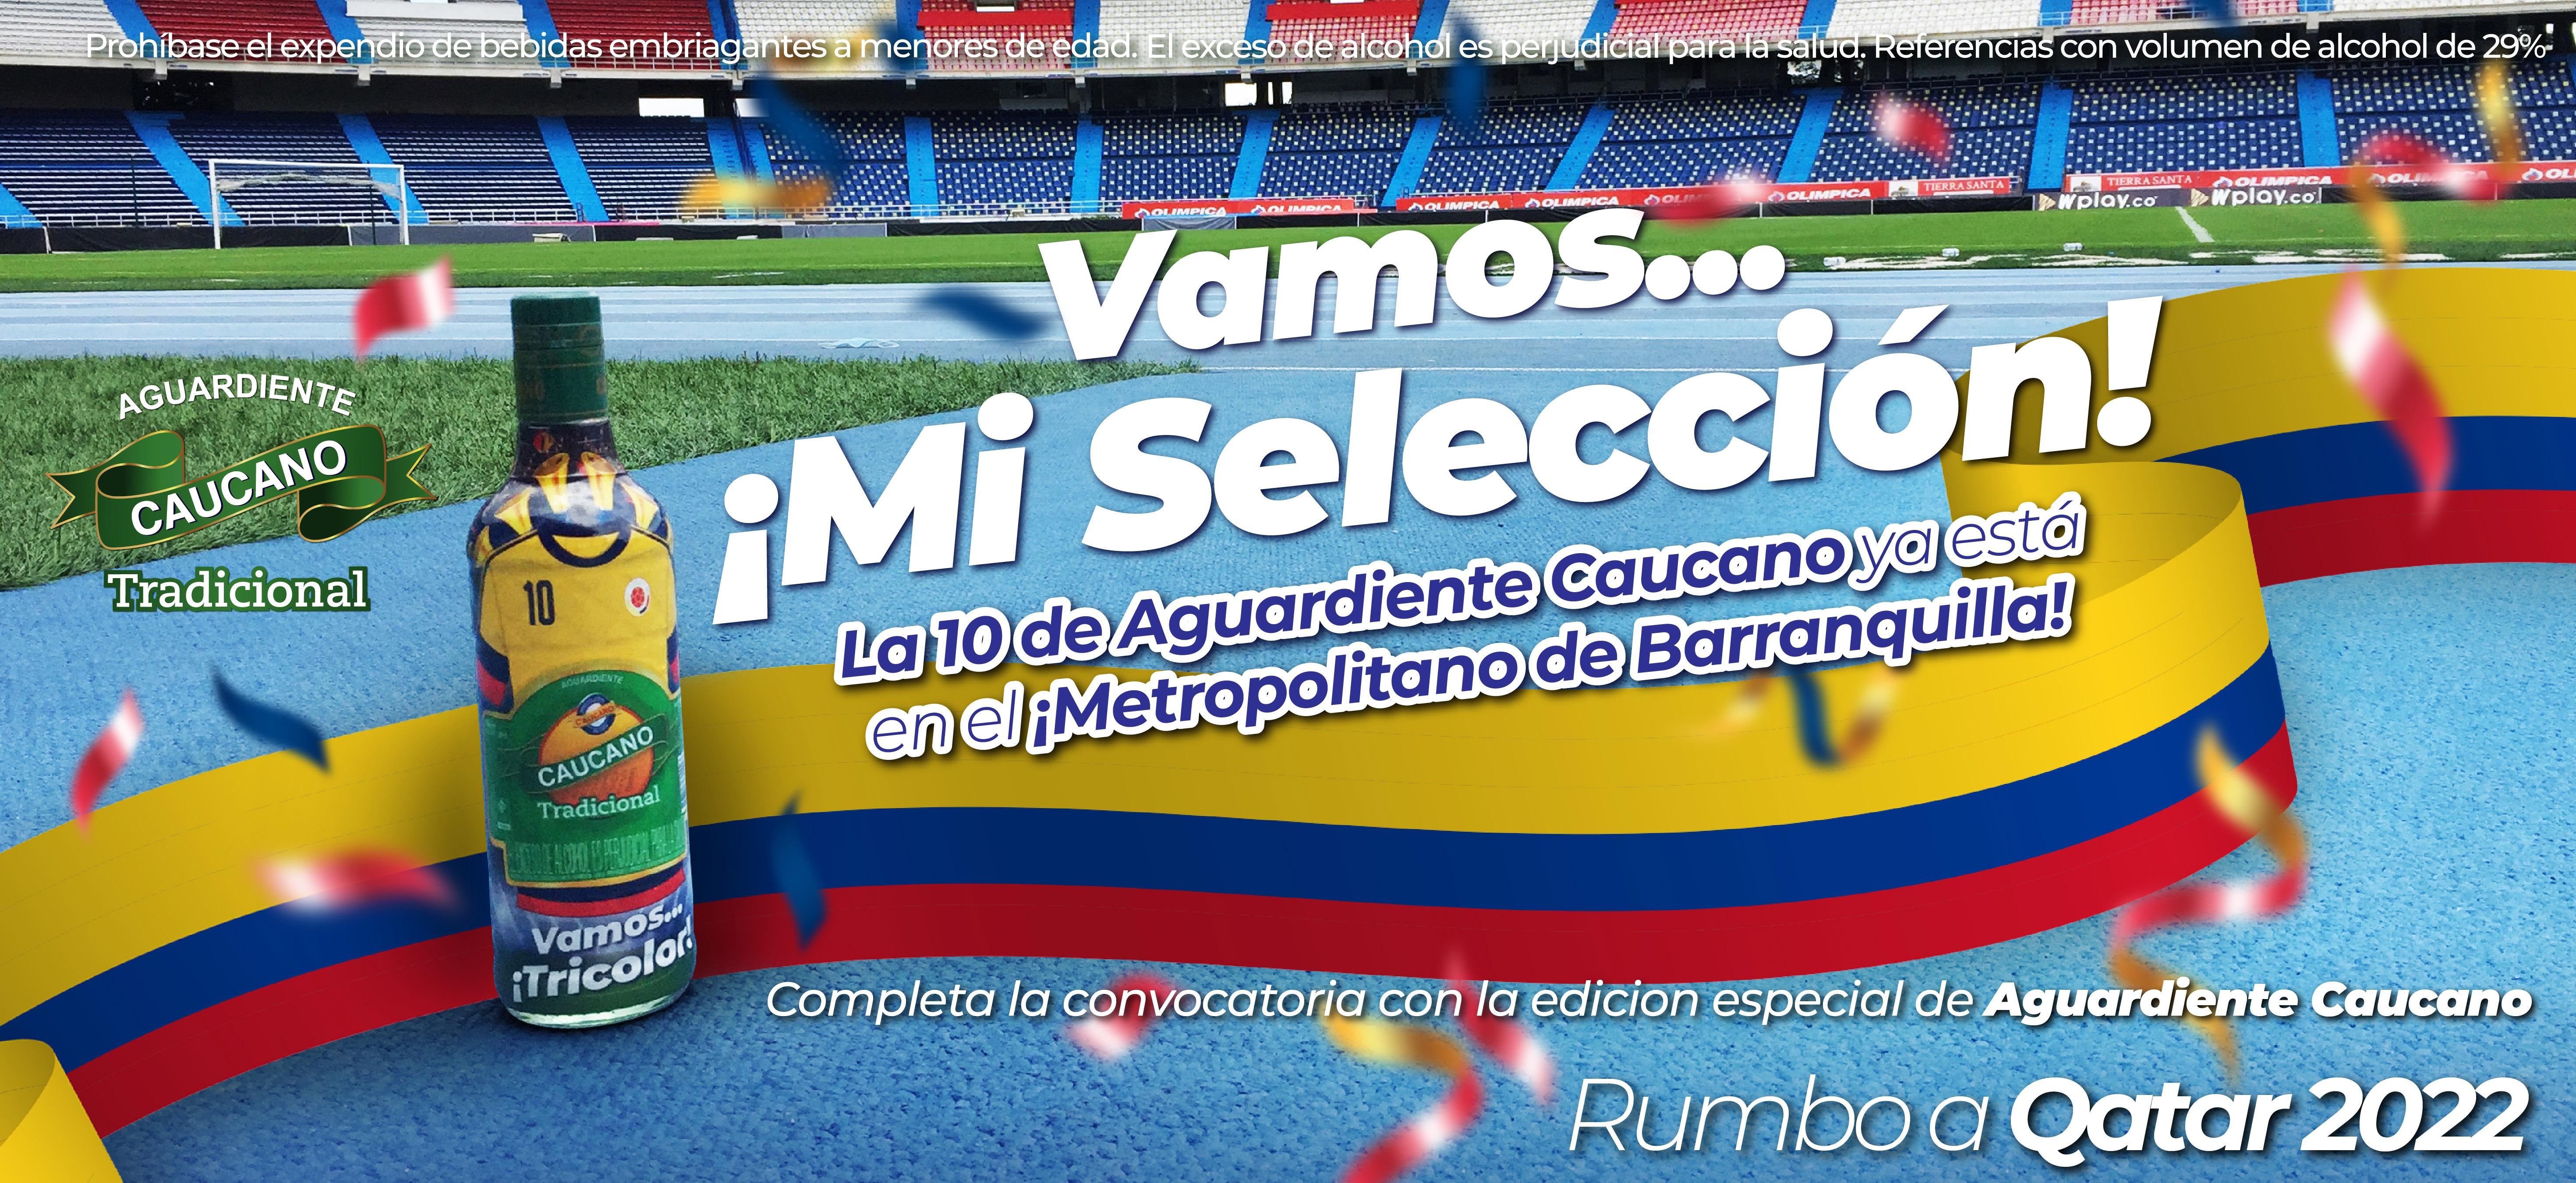 ¡La 10 de Aguardiente Caucano ya está en el Metropolitano de Barranquilla!